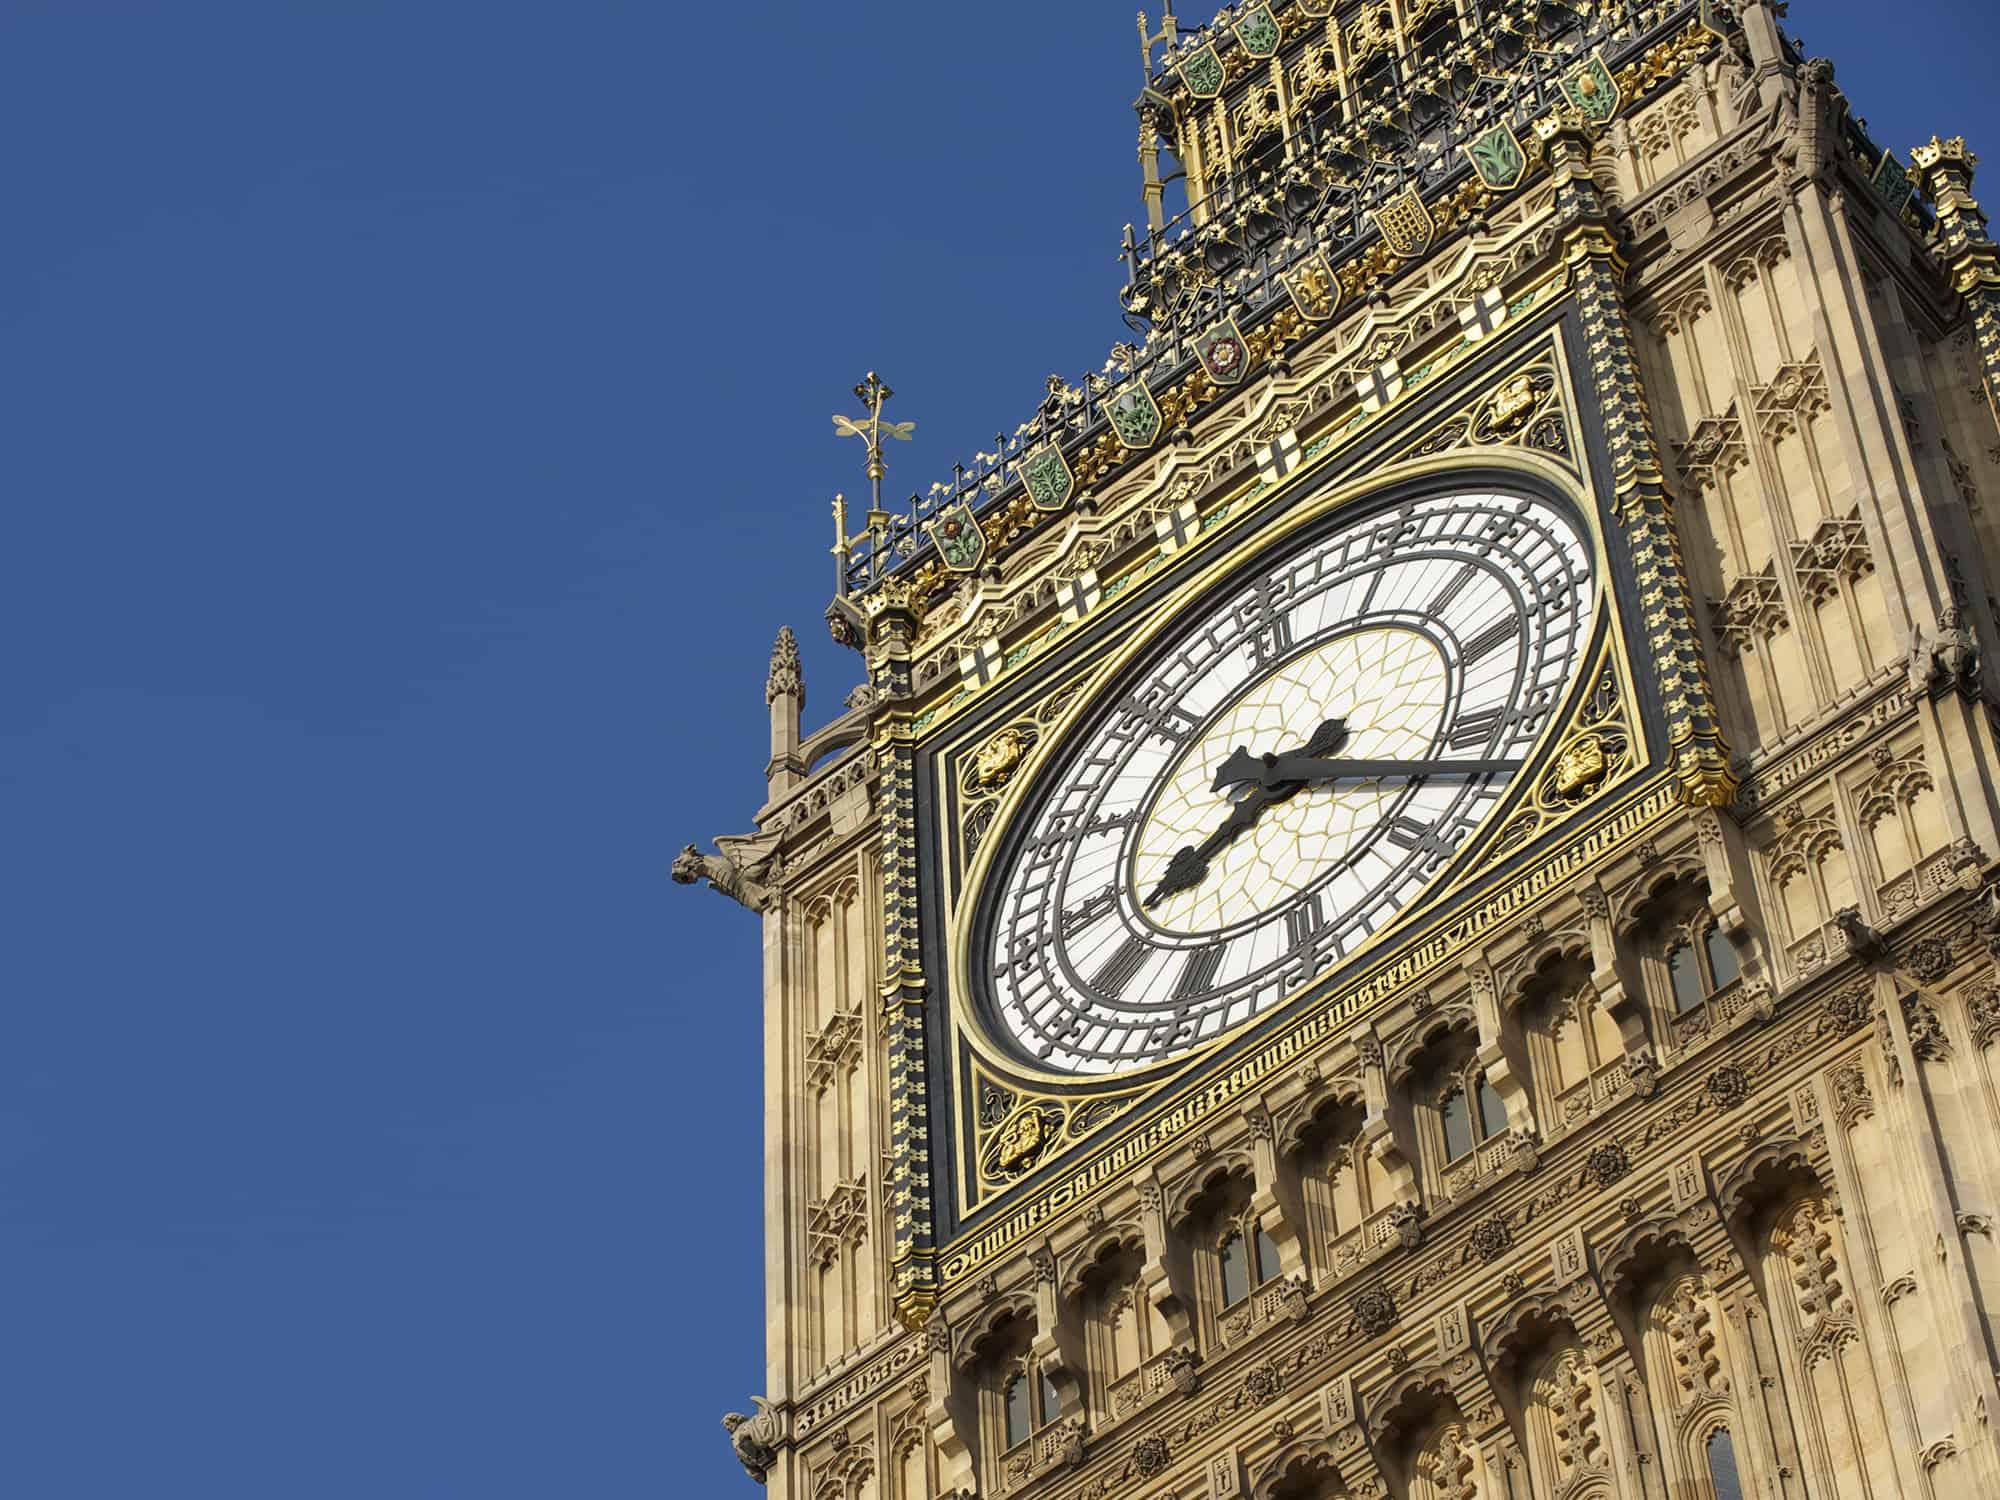 Ben Ben clock tower